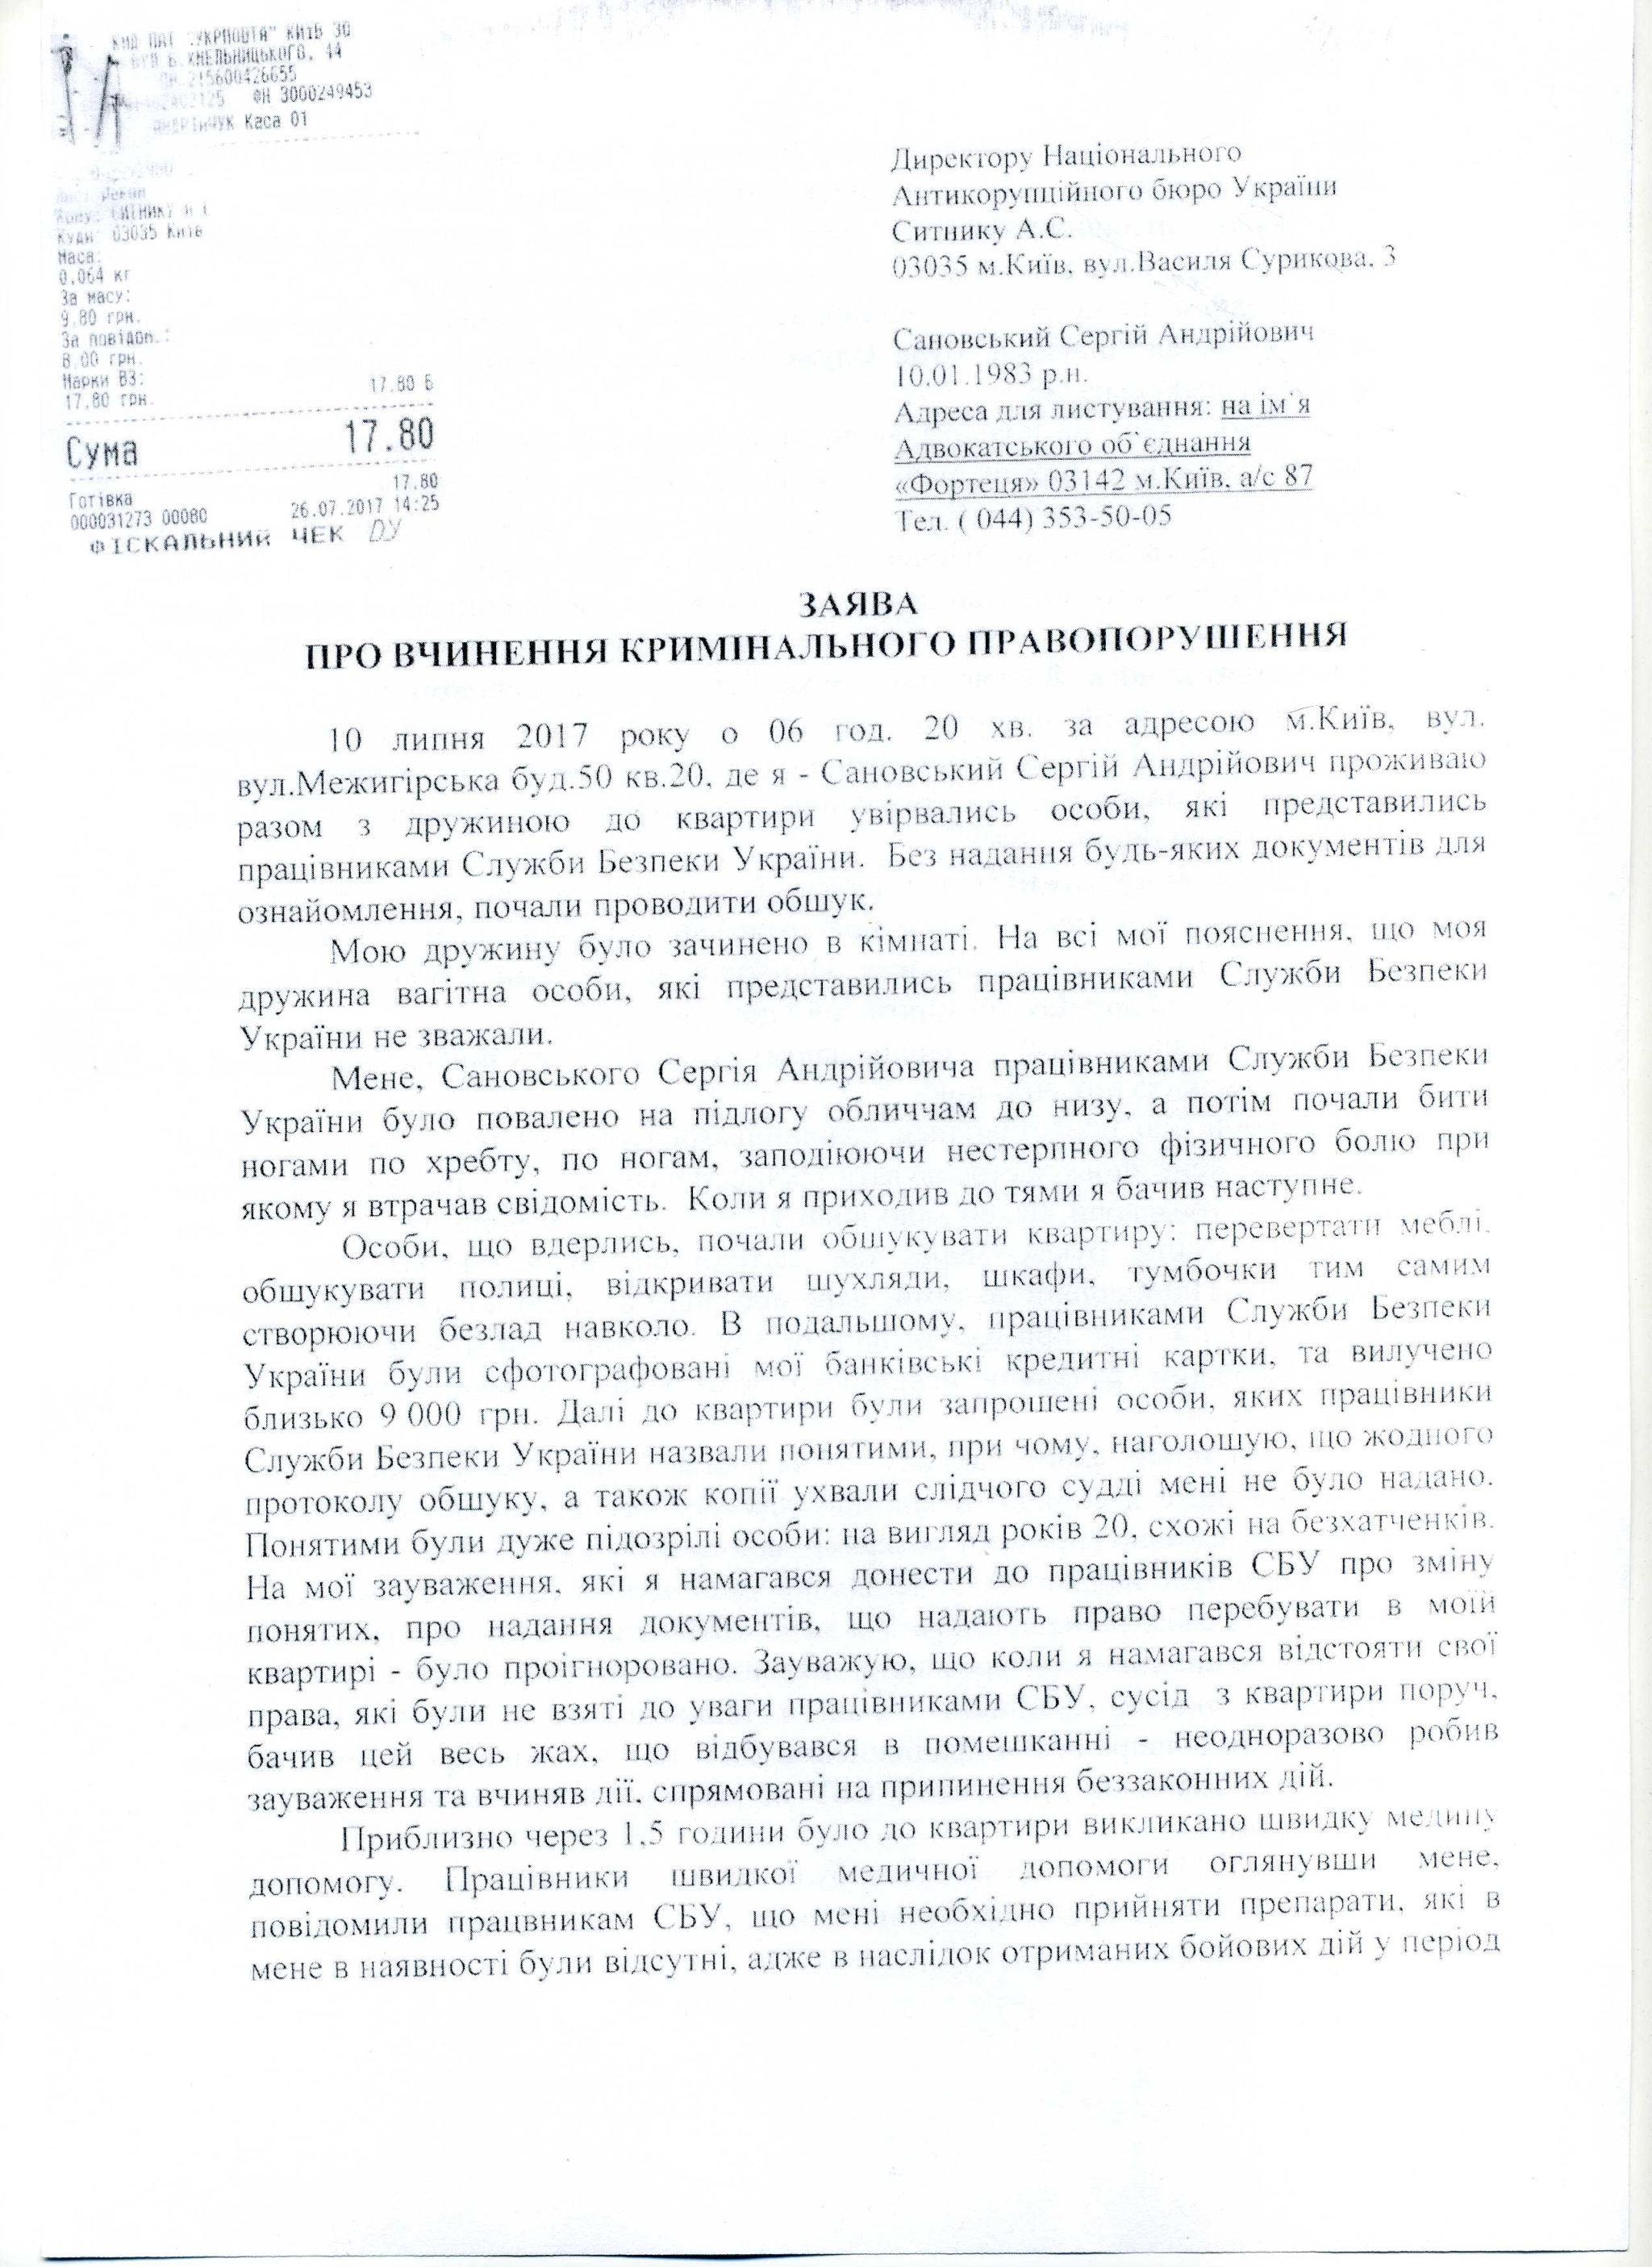 Dichiarazione di Sergey Sanovsky all'Ufficio nazionale anti-corruzione dell'Ucraina (NABU) sul rapimento e la tortura da parte dell'SBU